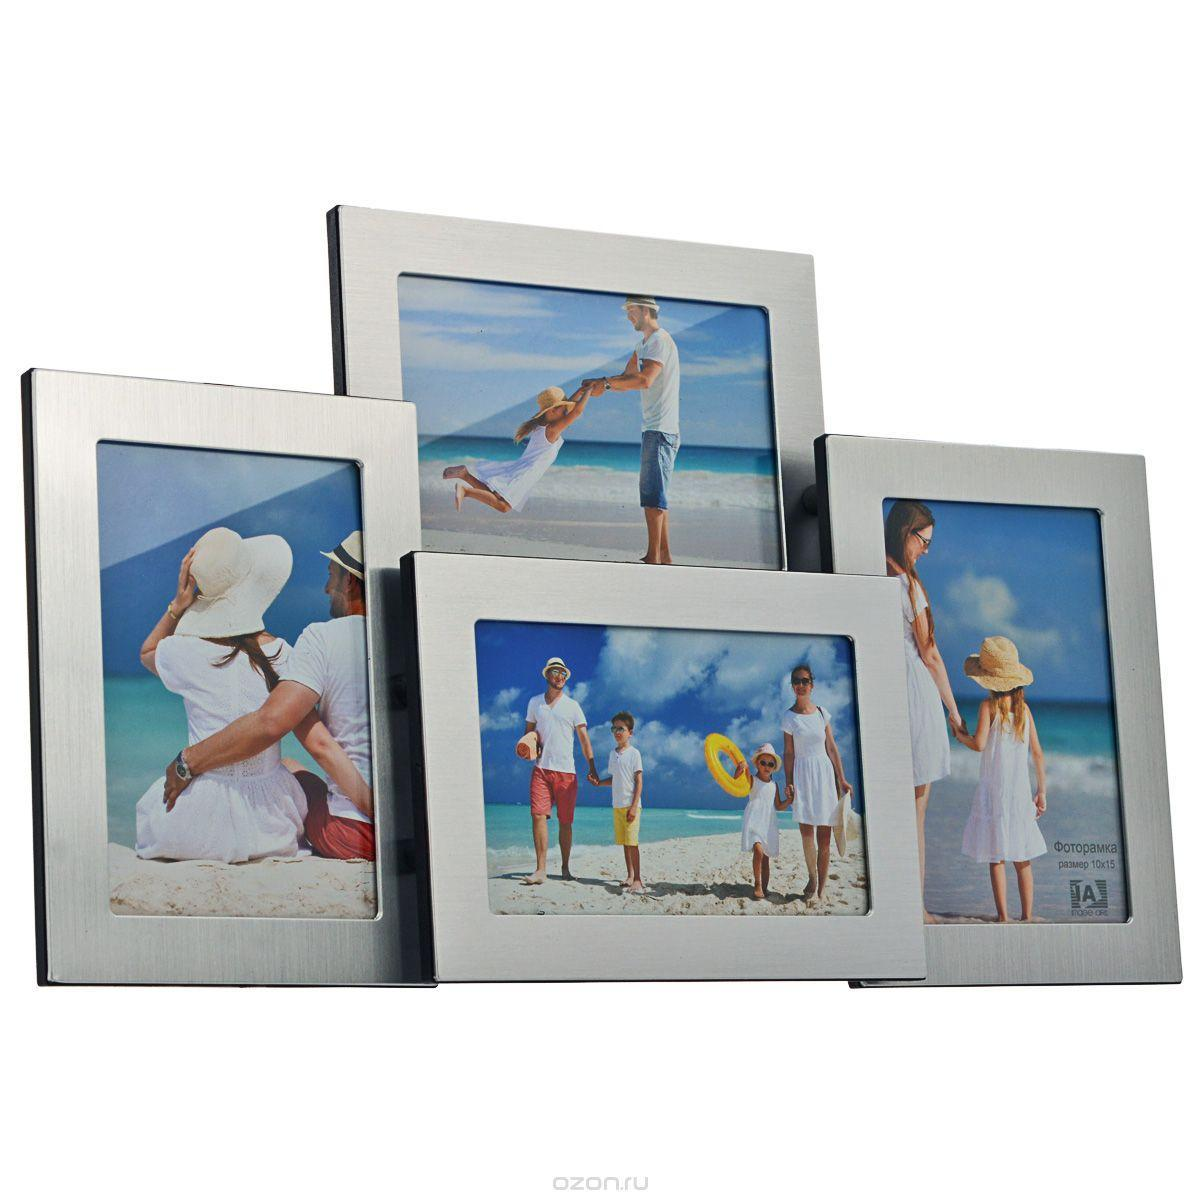 Фоторамка Image Art, цвет: серебристый, на 4 фото, 10 х 15 см 5055398692677911286Фоторамка-коллаж Image Art - прекрасный способ красиво оформить ваши фотографии. Изделие рассчитано на 4 фотографии. Фоторамка выполнена из алюминия и пластика и защищена стеклом. Фоторамку можно поставить на стол или подвесить на стену, для чего с задней стороны предусмотрены специальные отверстия. Такая фоторамка поможет сохранить на память самые яркие моменты вашей жизни, а стильный дизайн сделает ее прекрасным дополнением интерьера.